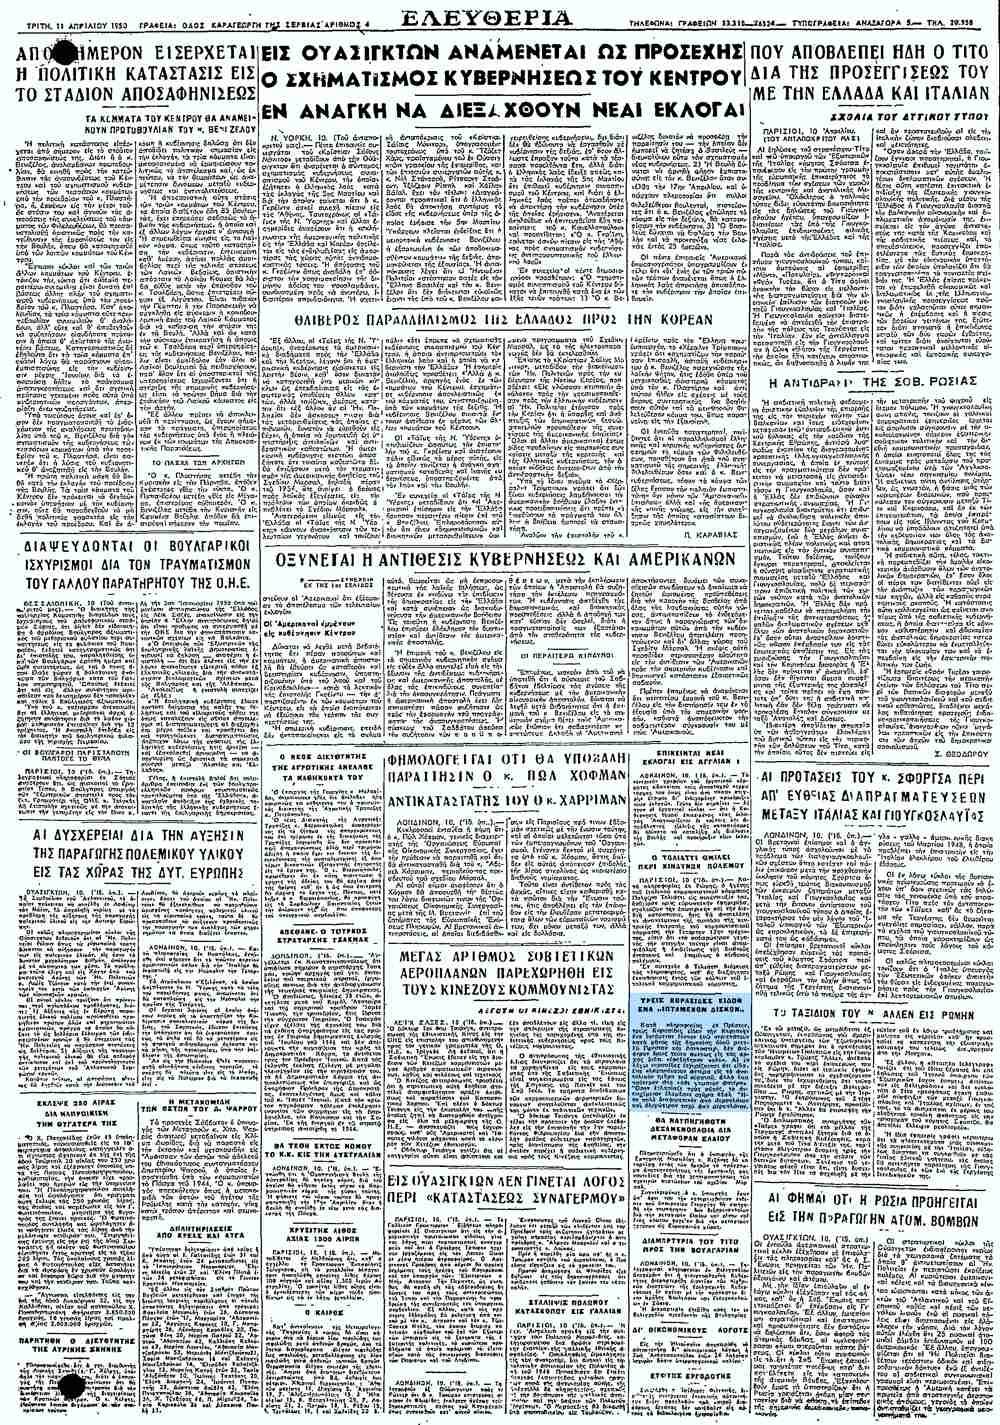 """Το άρθρο, όπως δημοσιεύθηκε στην εφημερίδα """"ΕΛΕΥΘΕΡΙΑ"""", στις 11/04/1950"""